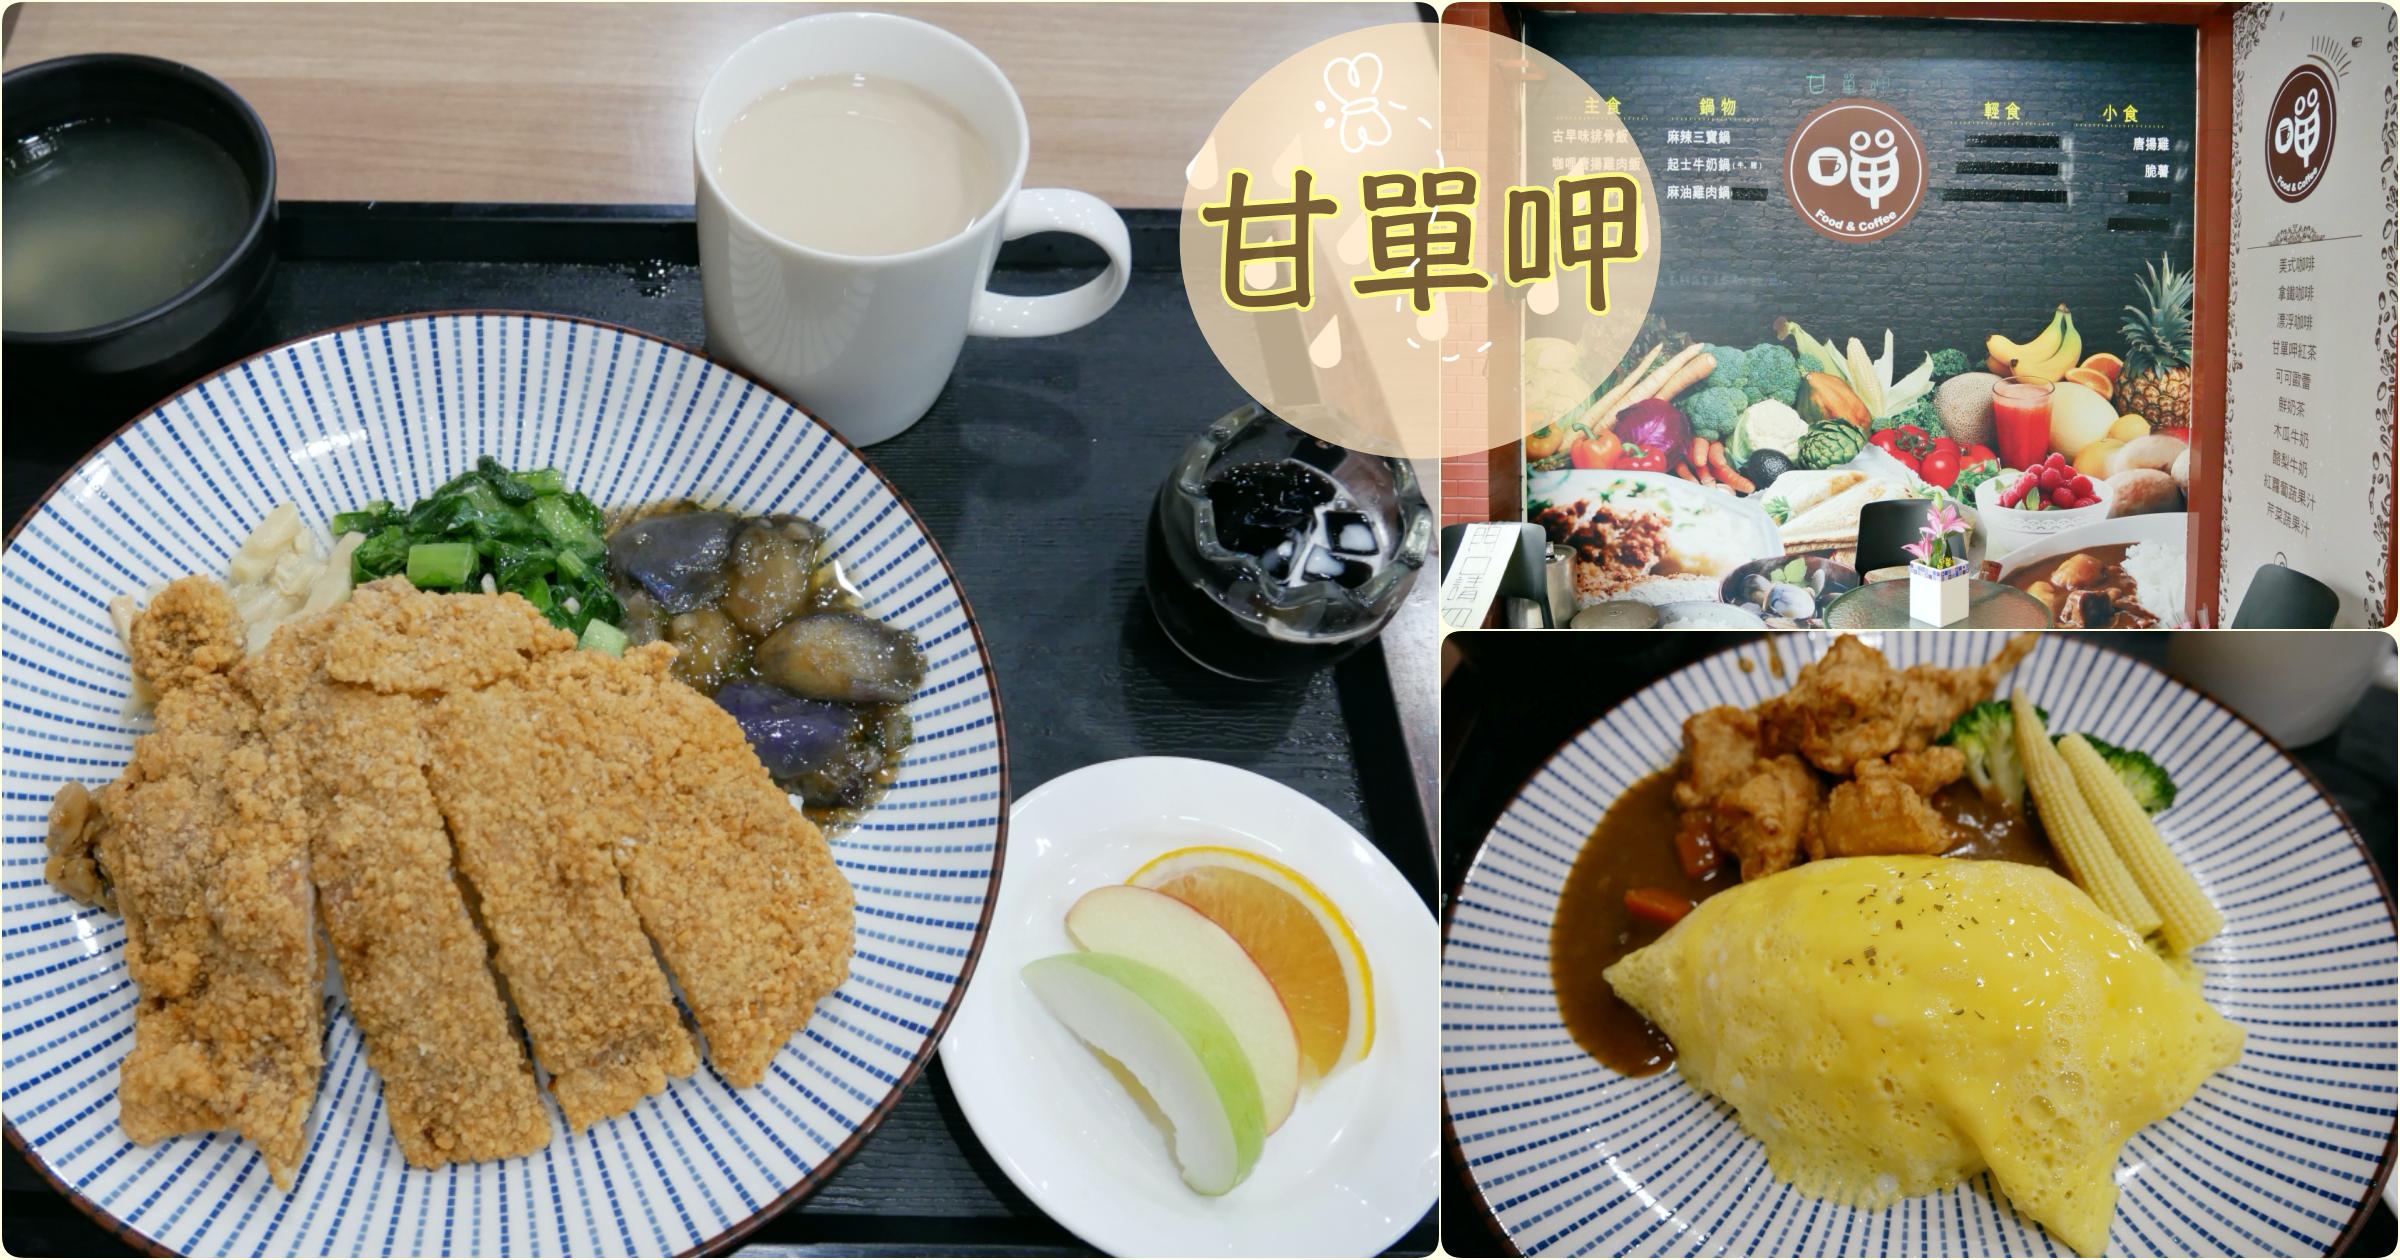 最新推播訊息:[桃園美食]甘單呷food&coffee|春日路JC Park後方的平價簡餐店~結合台、西、日式套餐